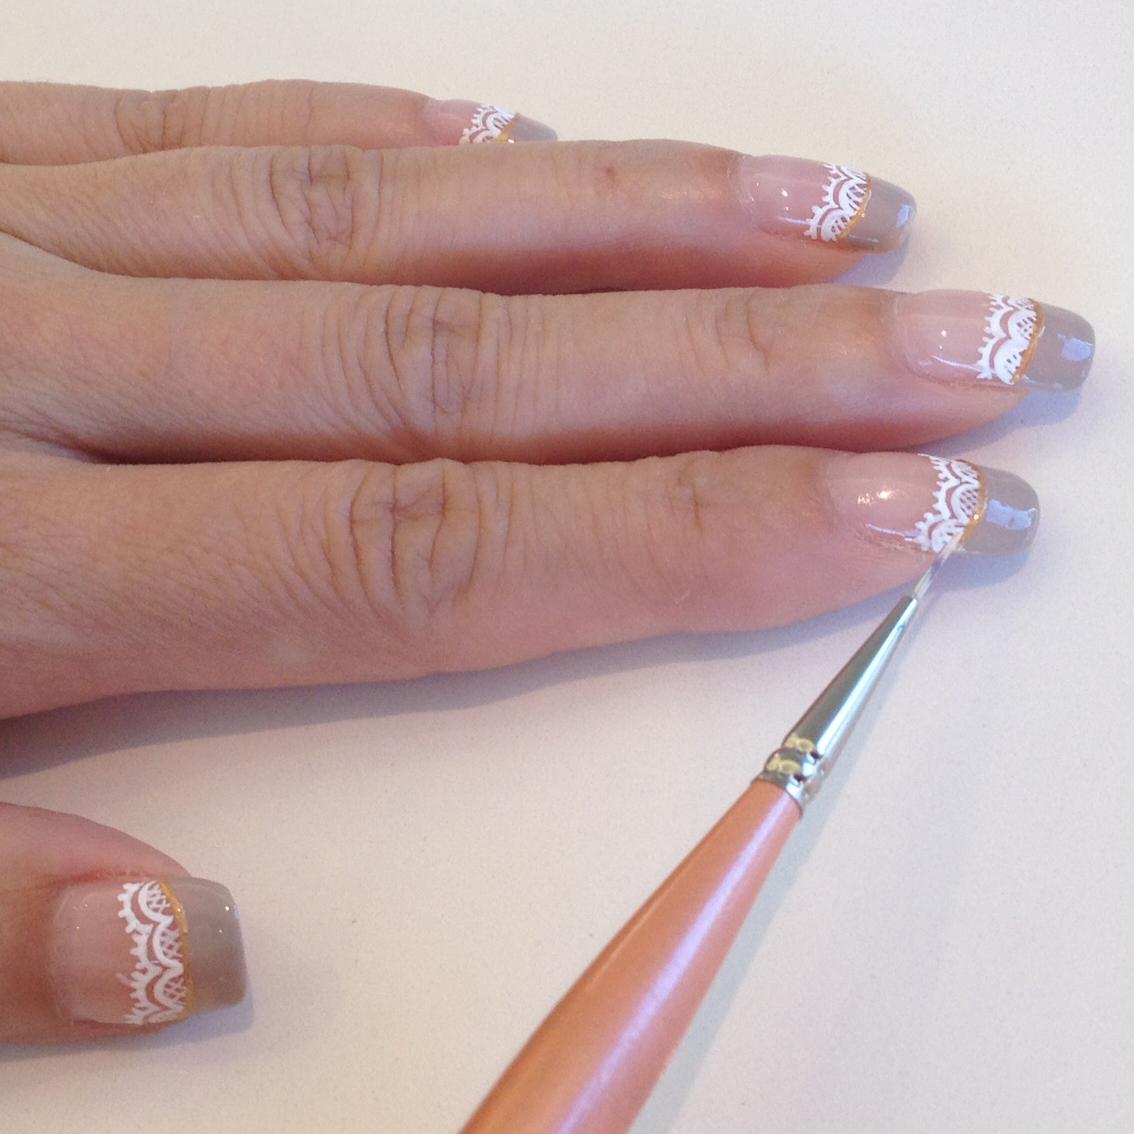 Nail Art Tutorial: Lace Wedding Nails